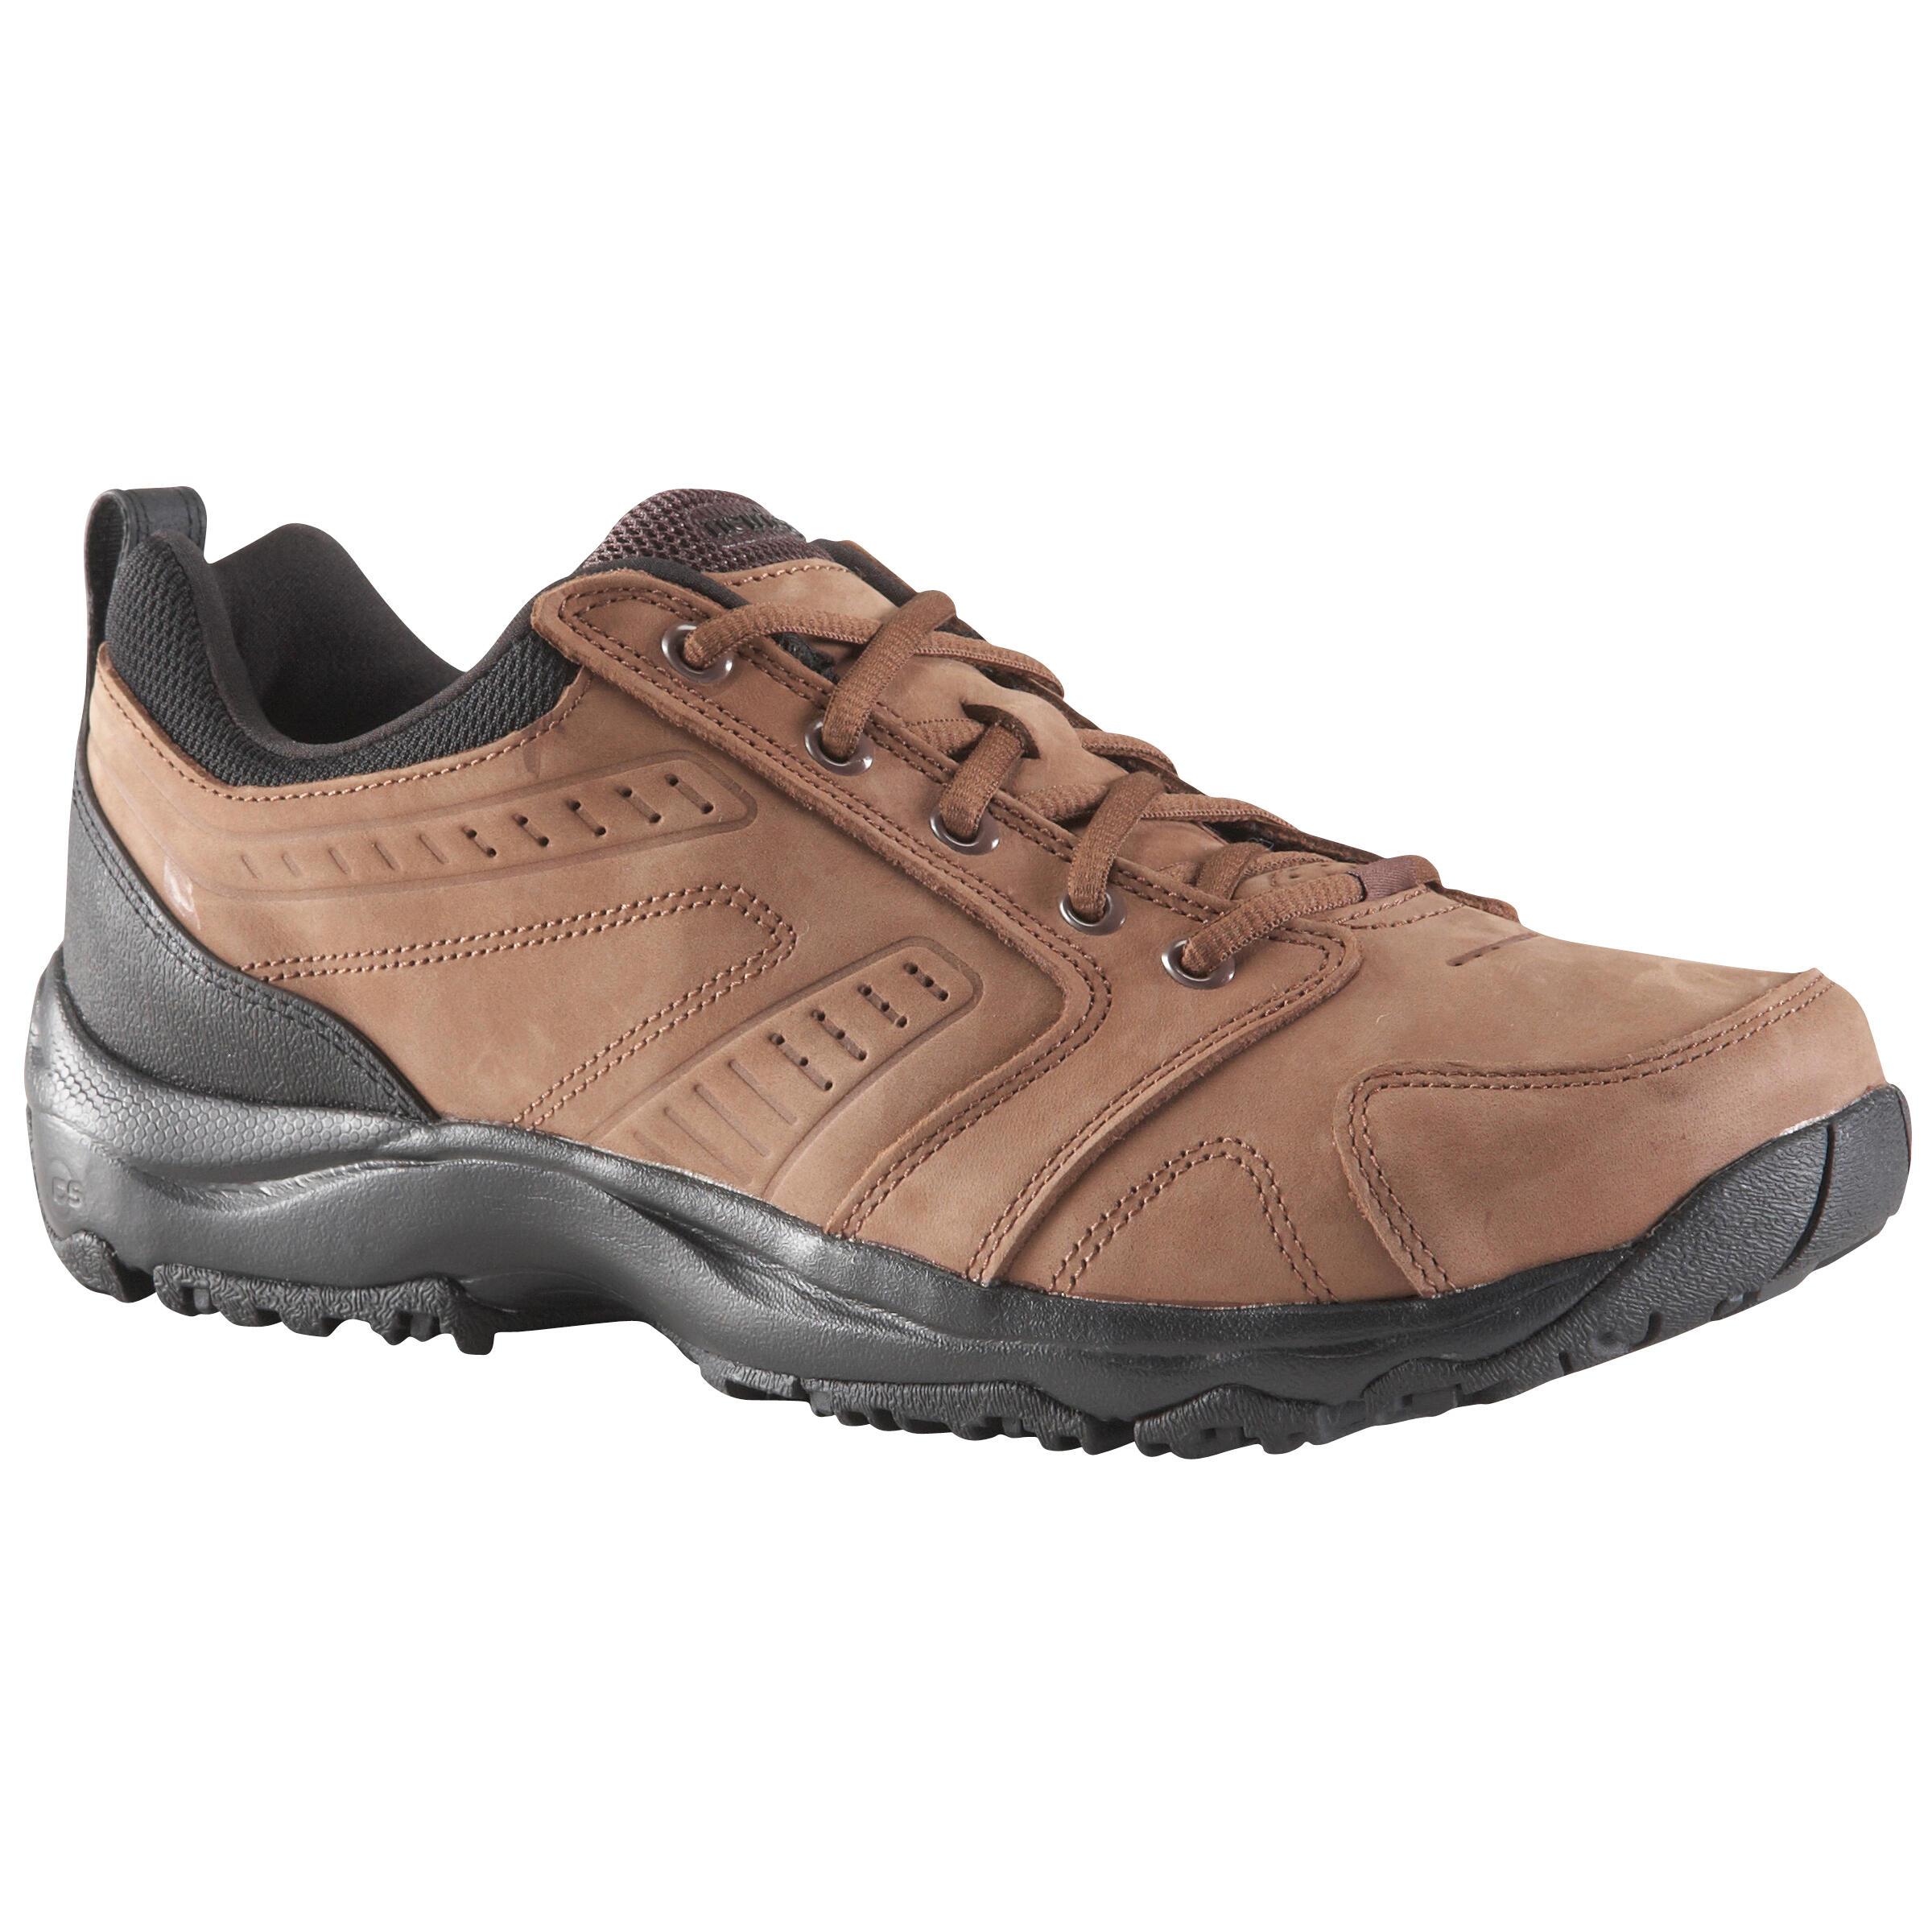 NEWFEEL Chaussures marche active homme Nakuru Confort cuir marron - NEWFEEL - 41